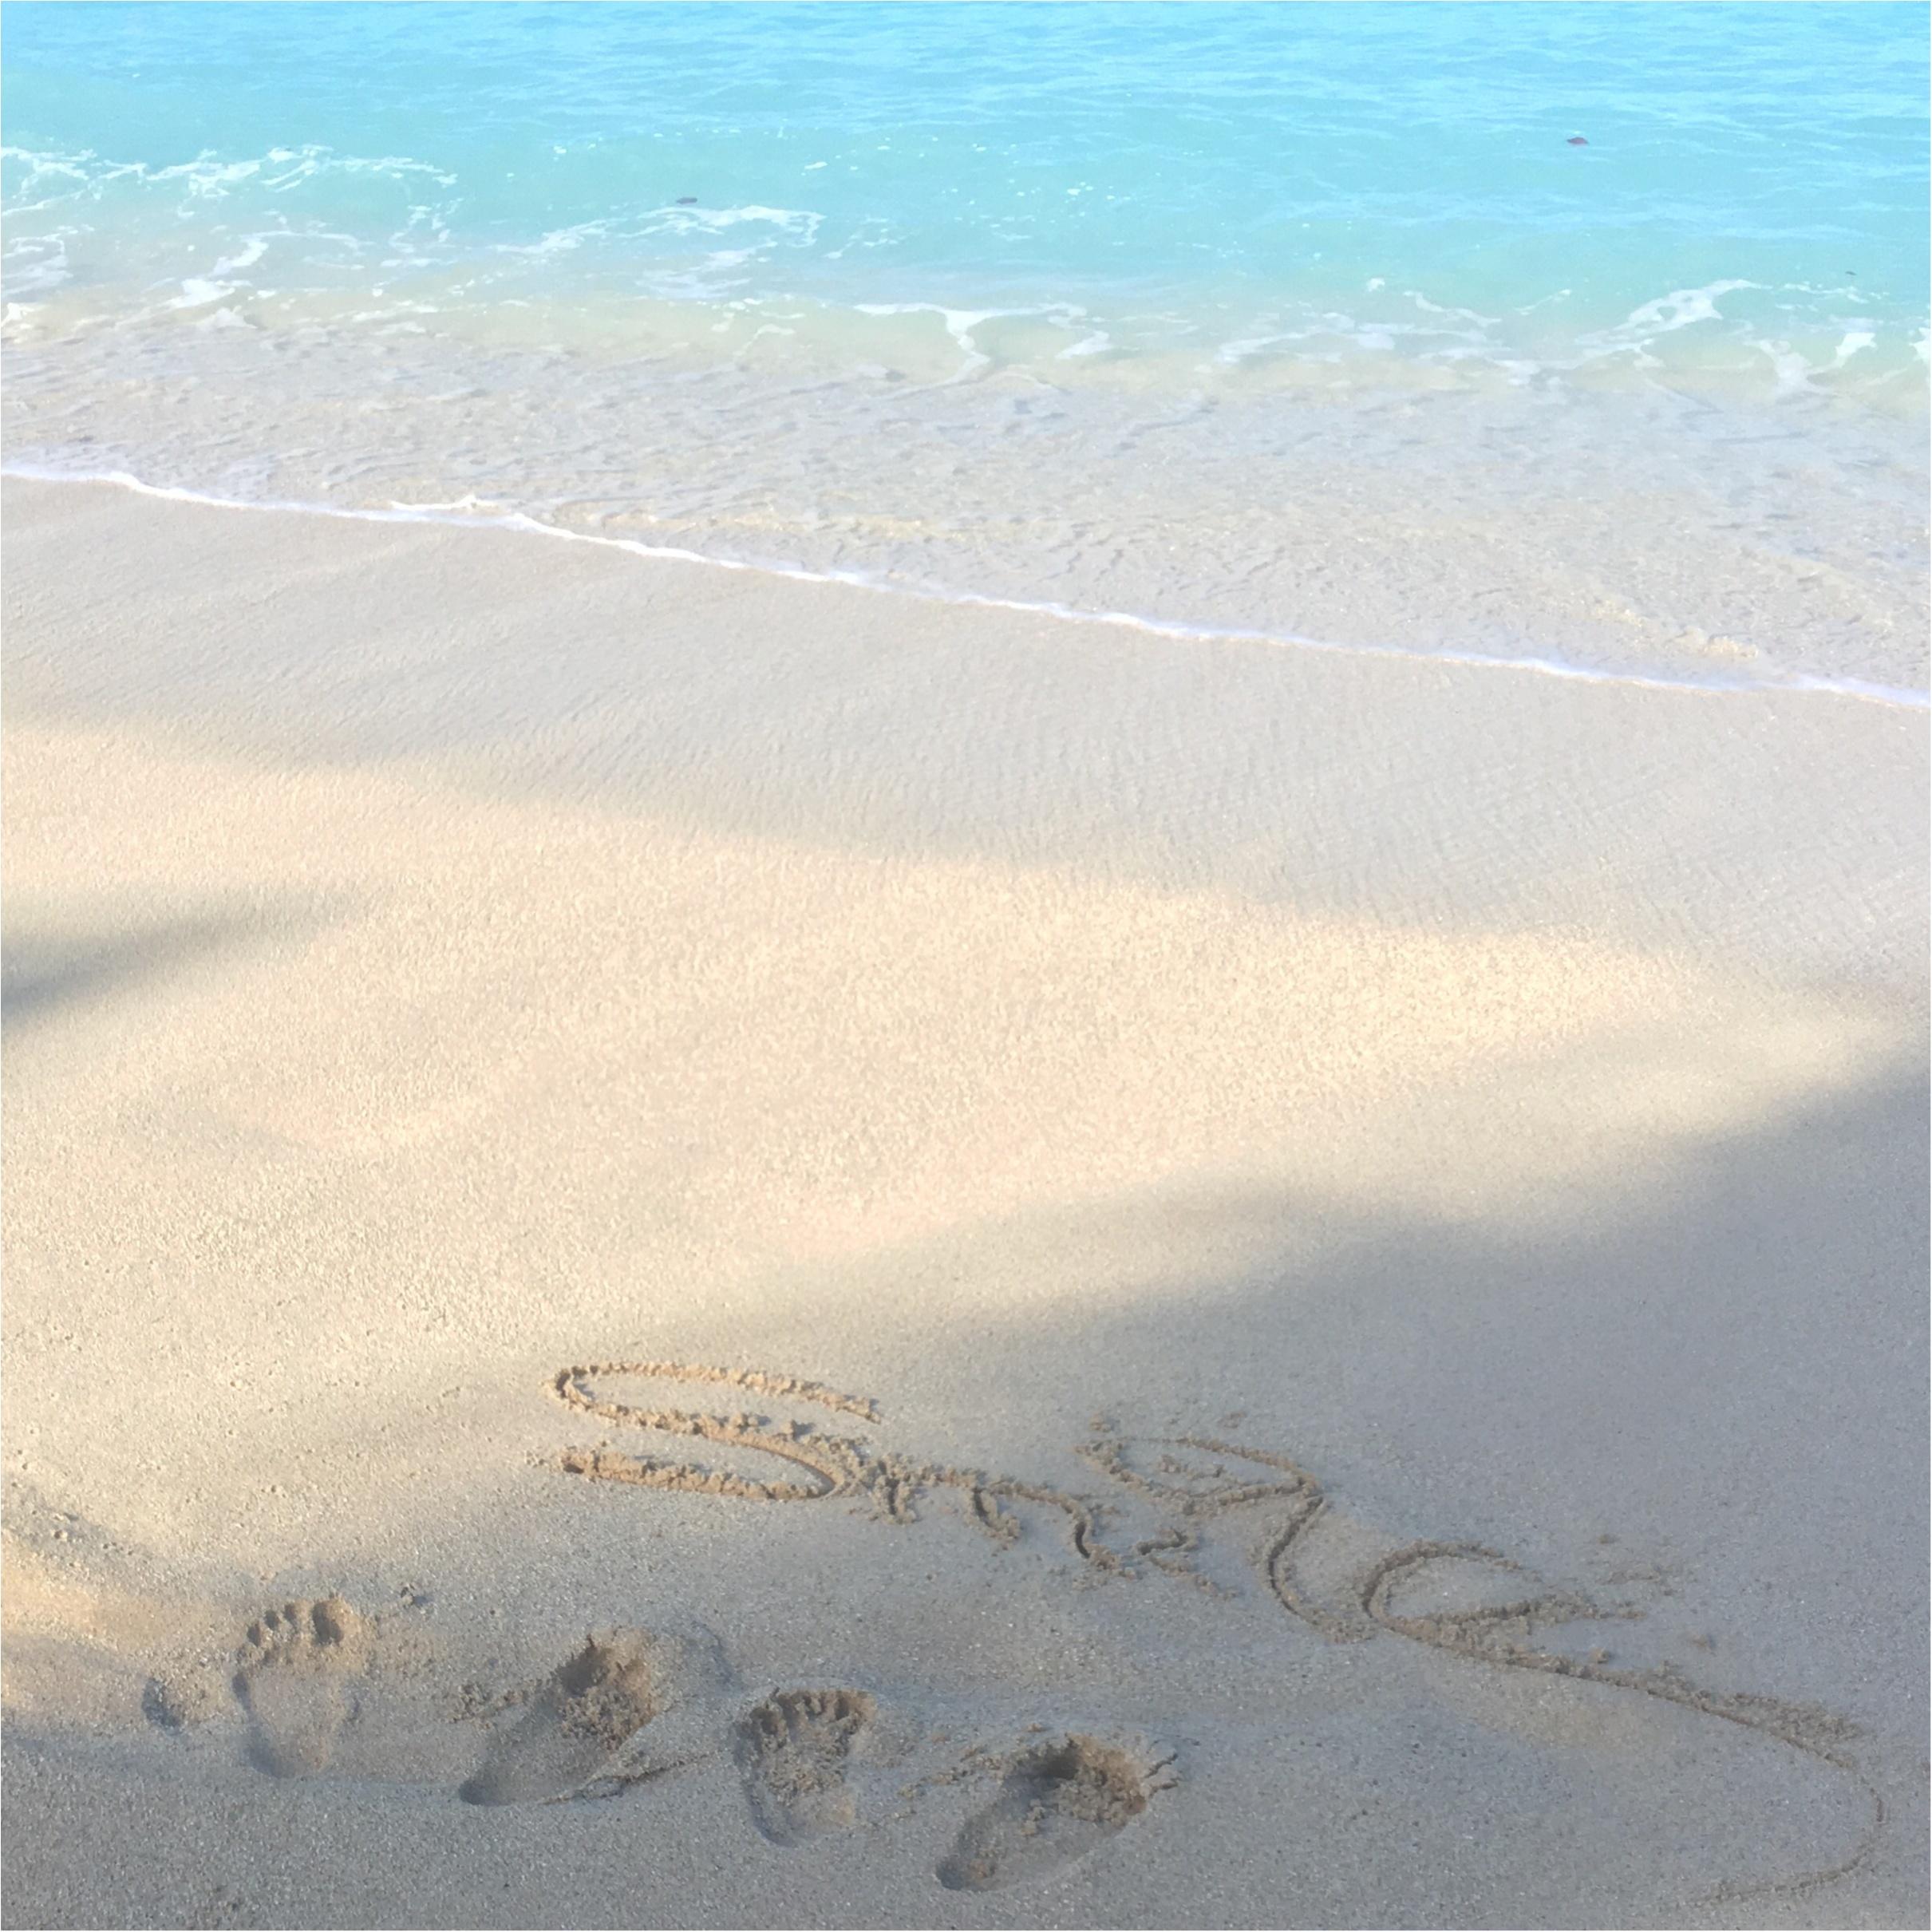 【プレ花嫁さん必見】ハワイでウェディングフォト撮影-ビーチ撮影・ハンドメイドの小物たち-_2